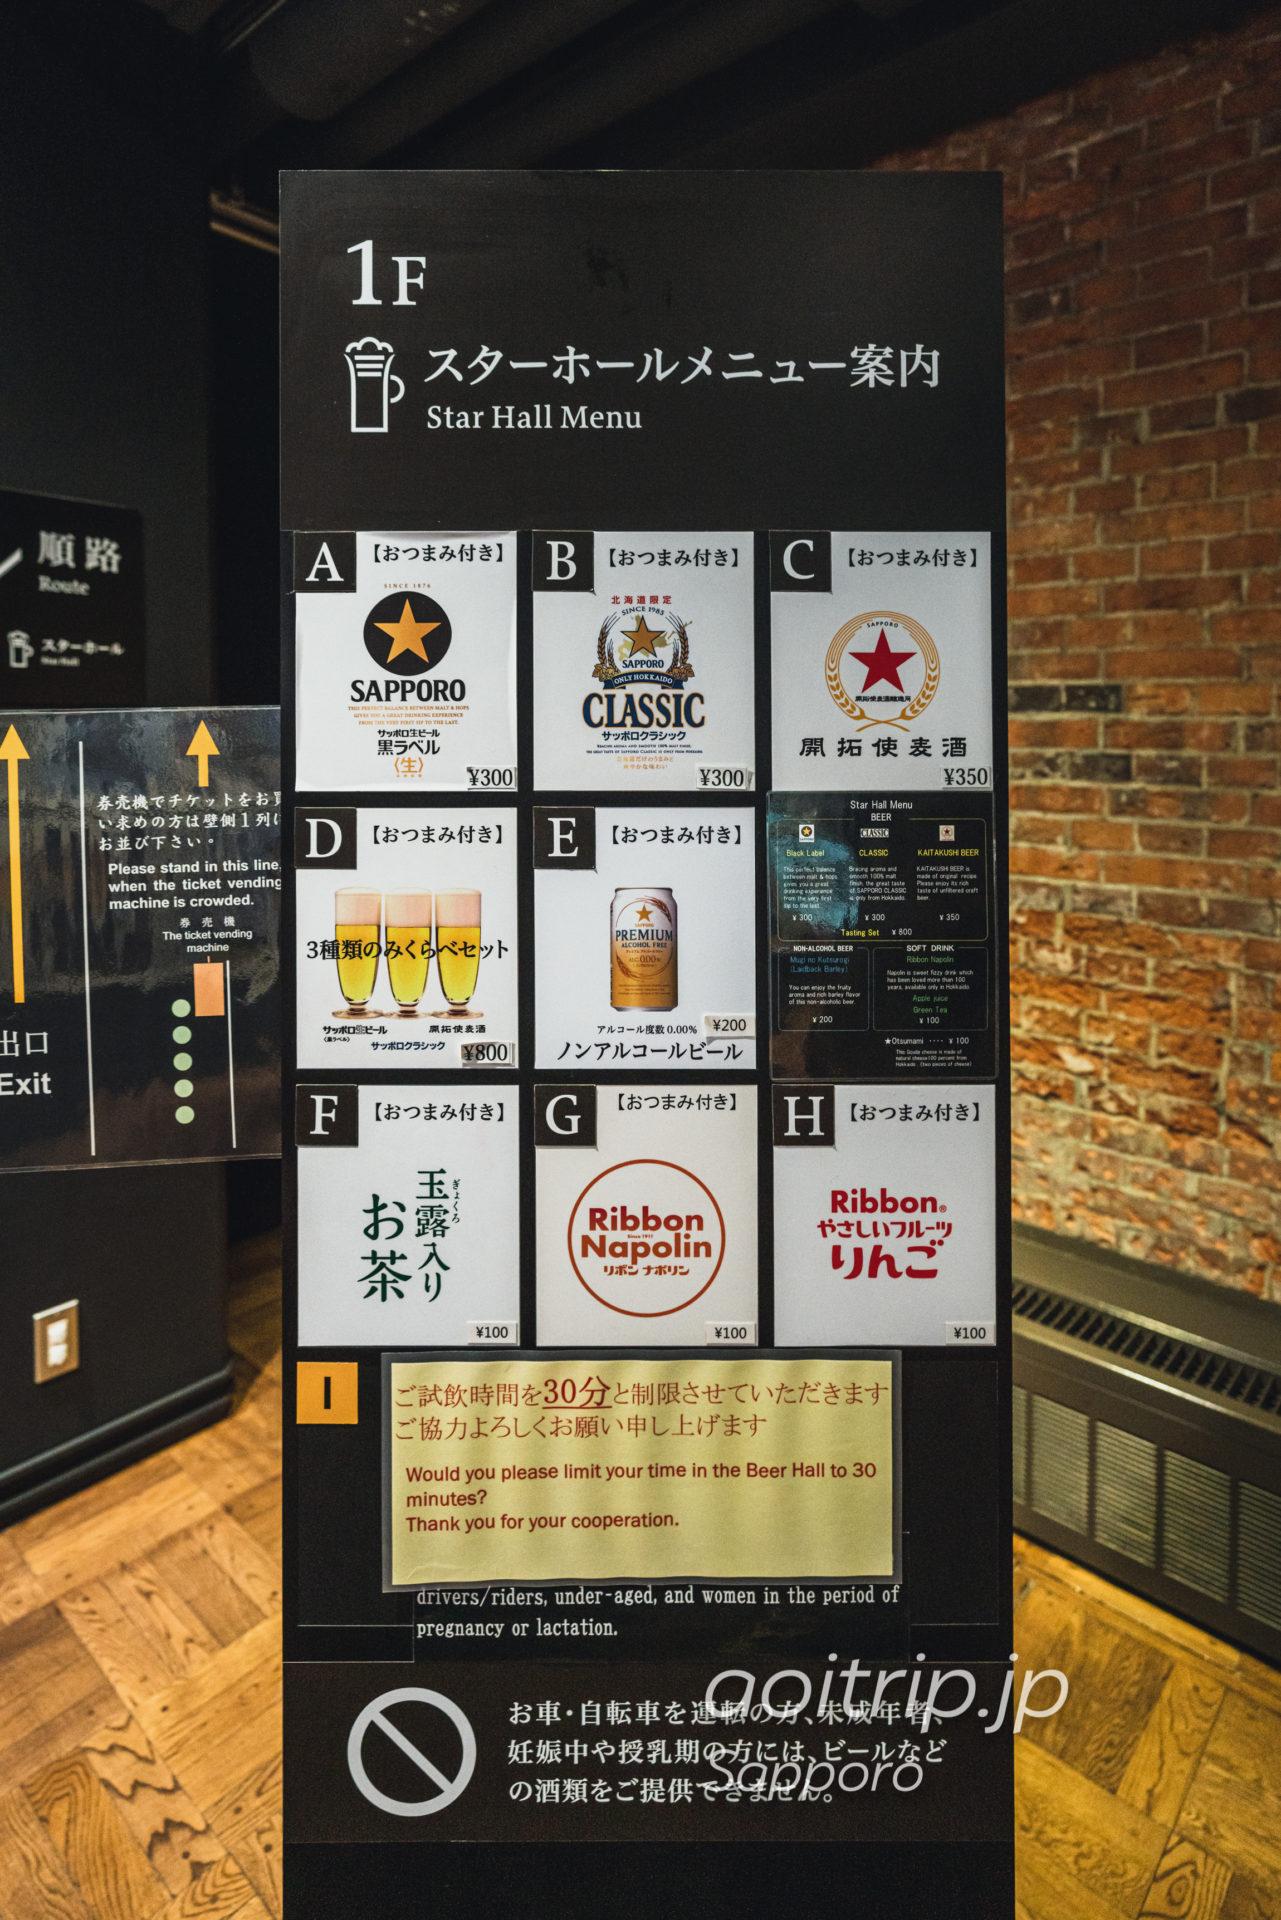 札幌ビール博物館 スターホール